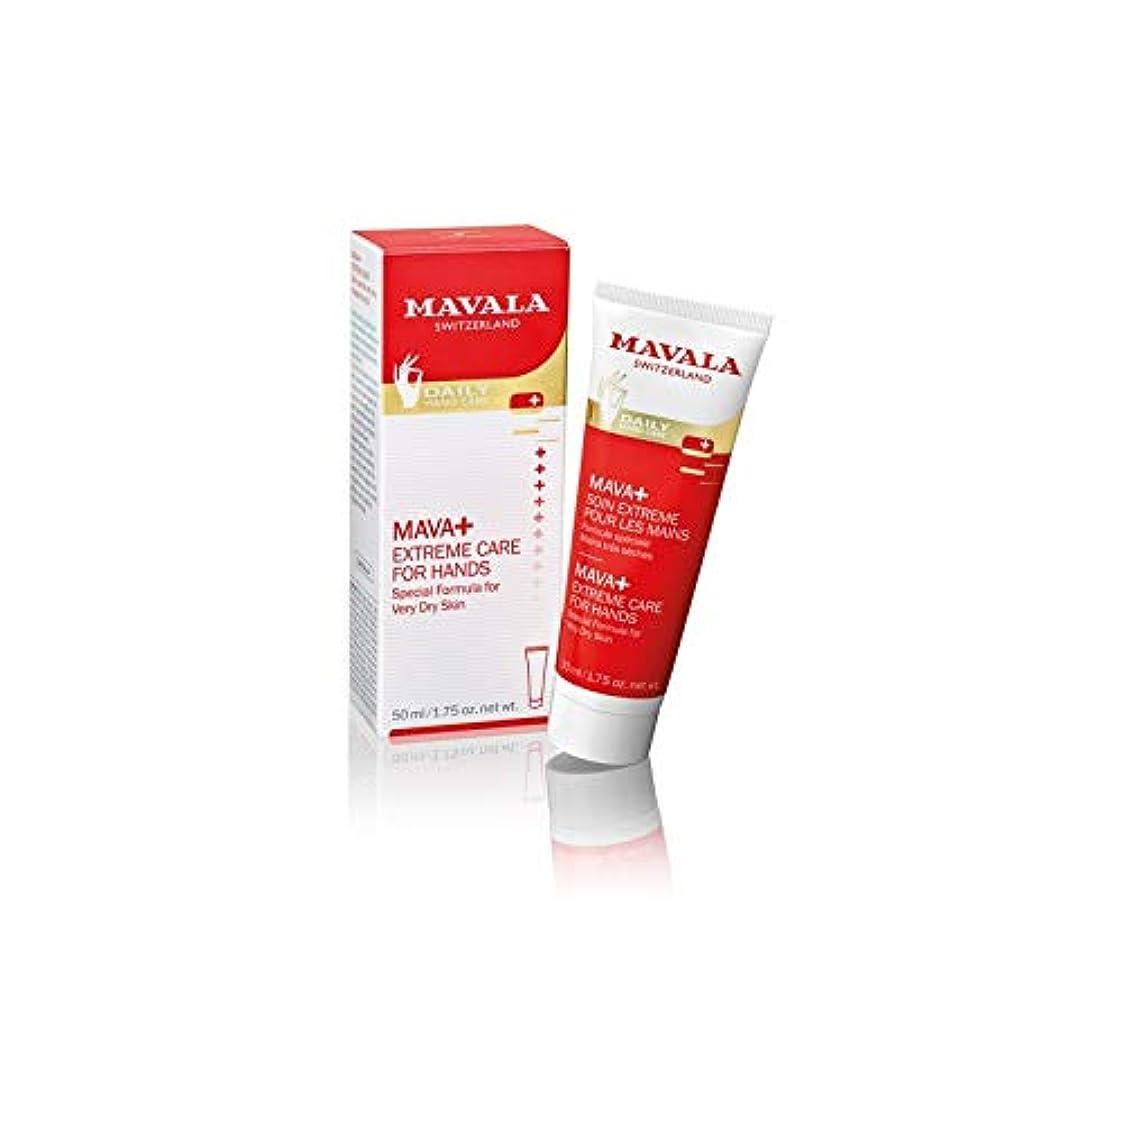 ミント容量配管工[Mavala] マヴァラMavalaのMava +ハンドクリーム - 手のために細心の注意を払っ(50ミリリットル) - Mavala Mava+ Hand Cream - Extreme Care For Hands...